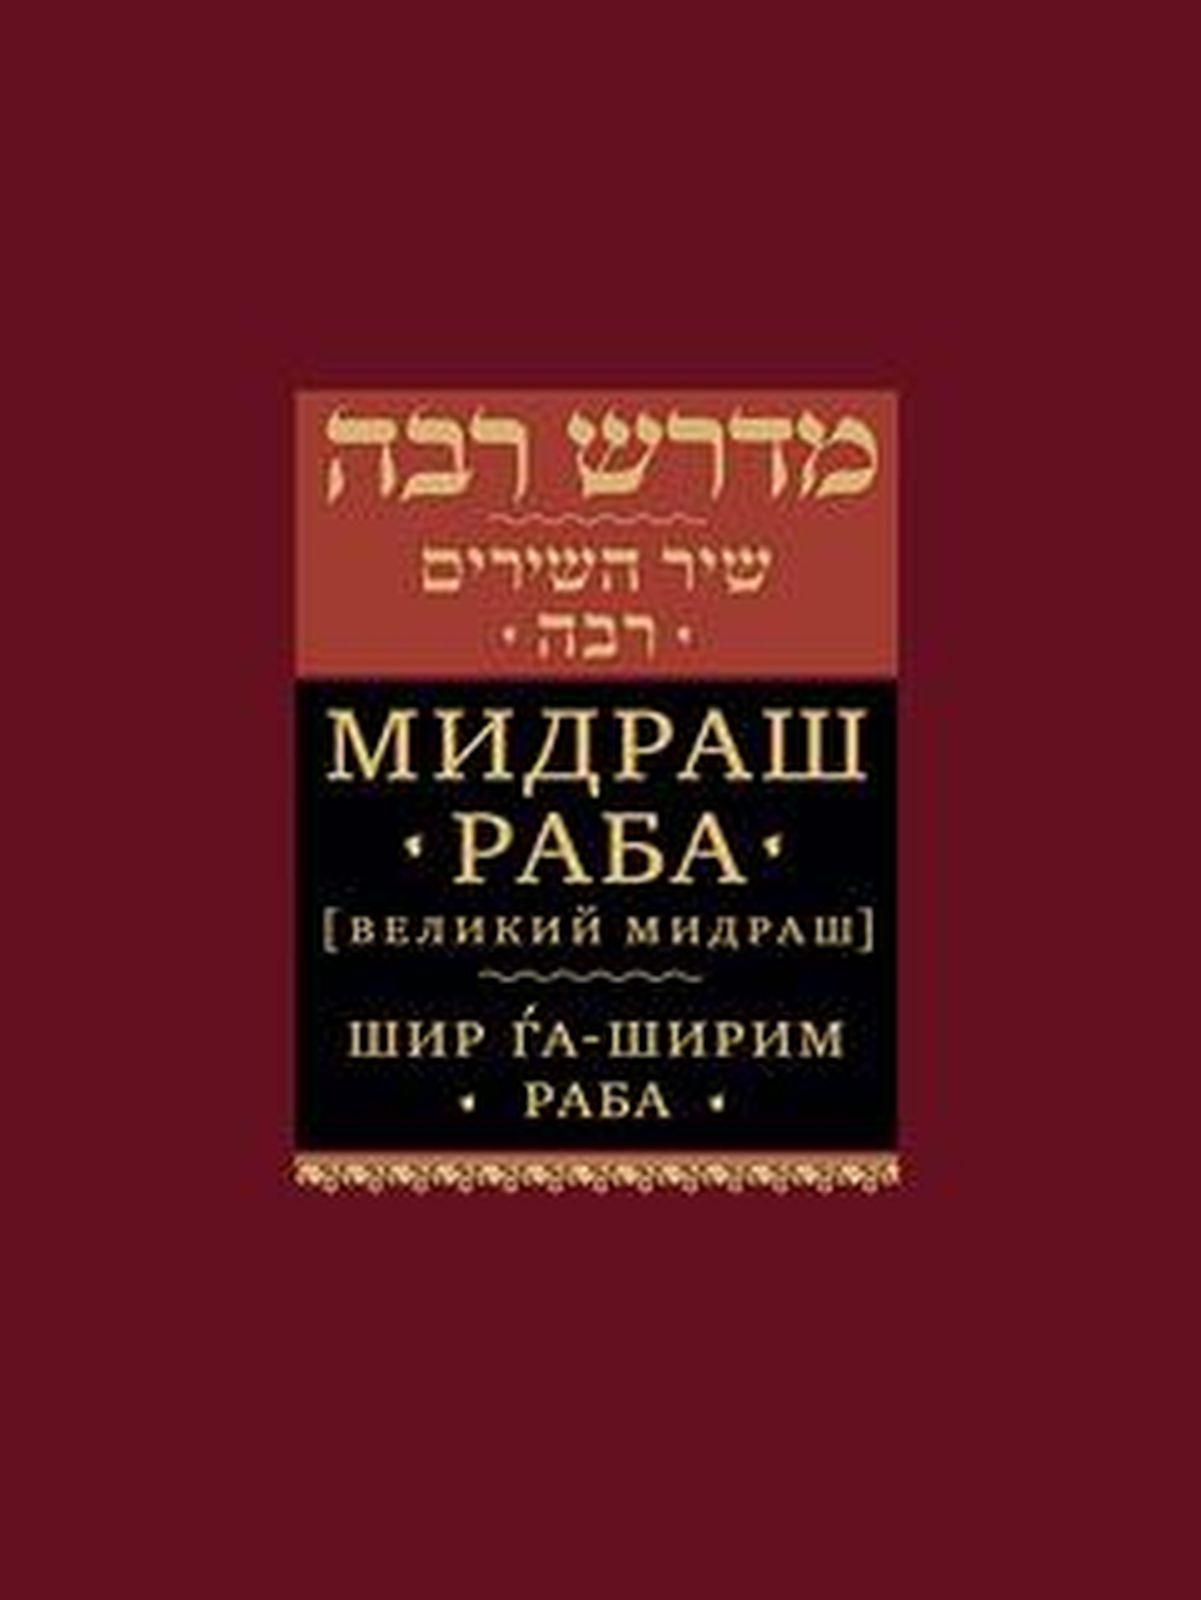 Мидраш Раба Шир Га-Ширим Раба арье ольман мидраш раба великий мидраш том 1 эстер раба рут раба